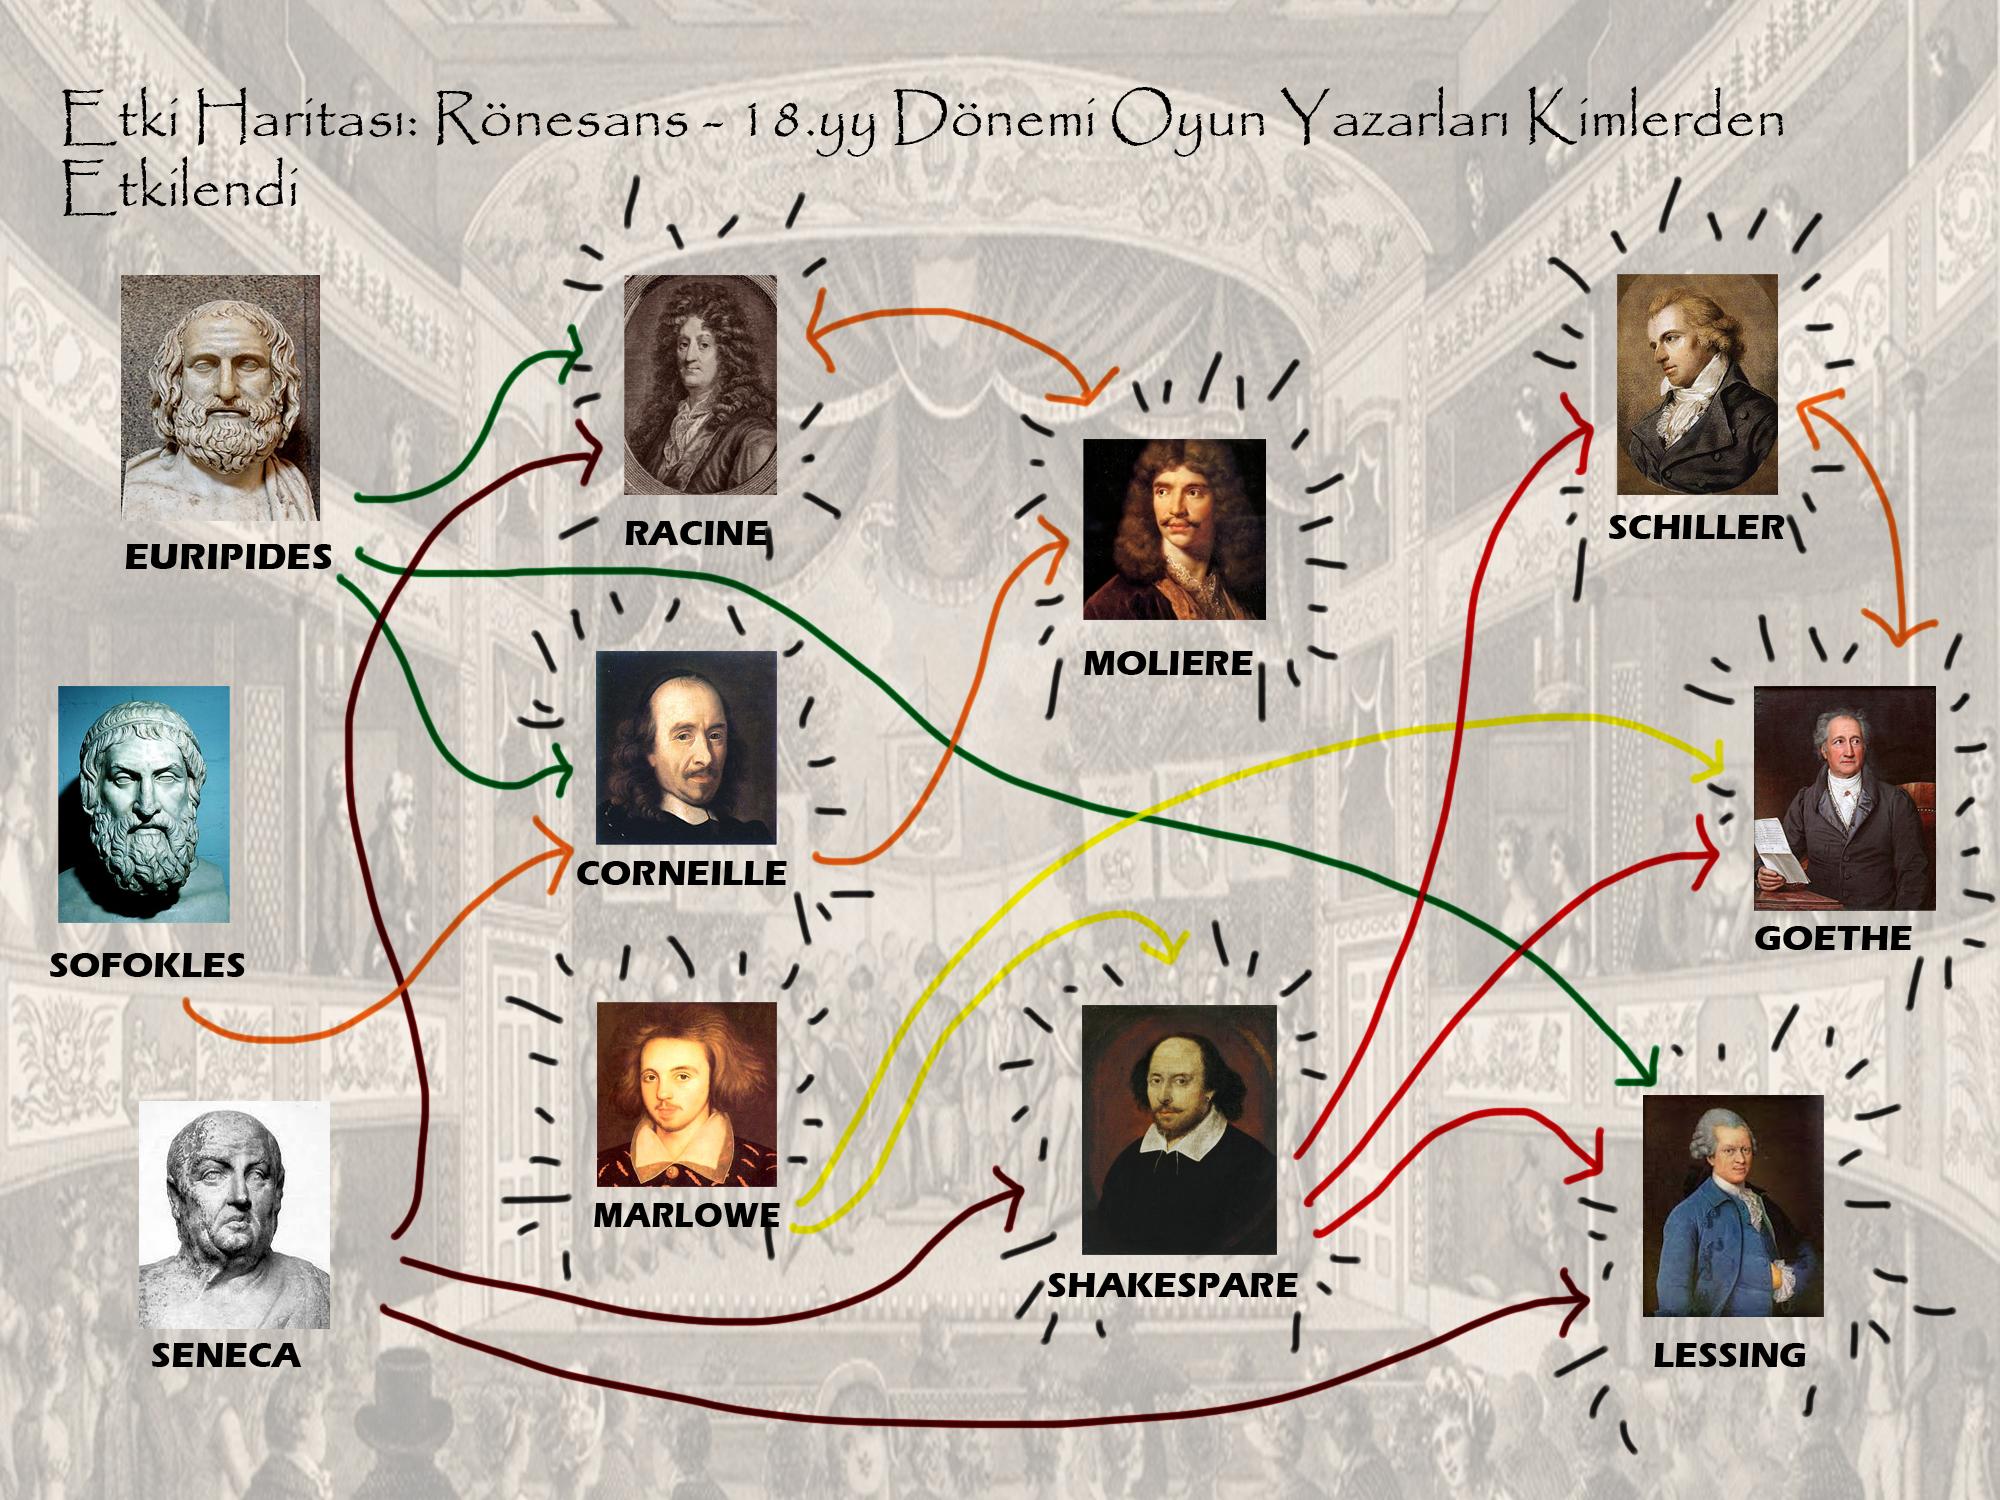 Etki Haritası: Rönesans- 18.yy dönemi